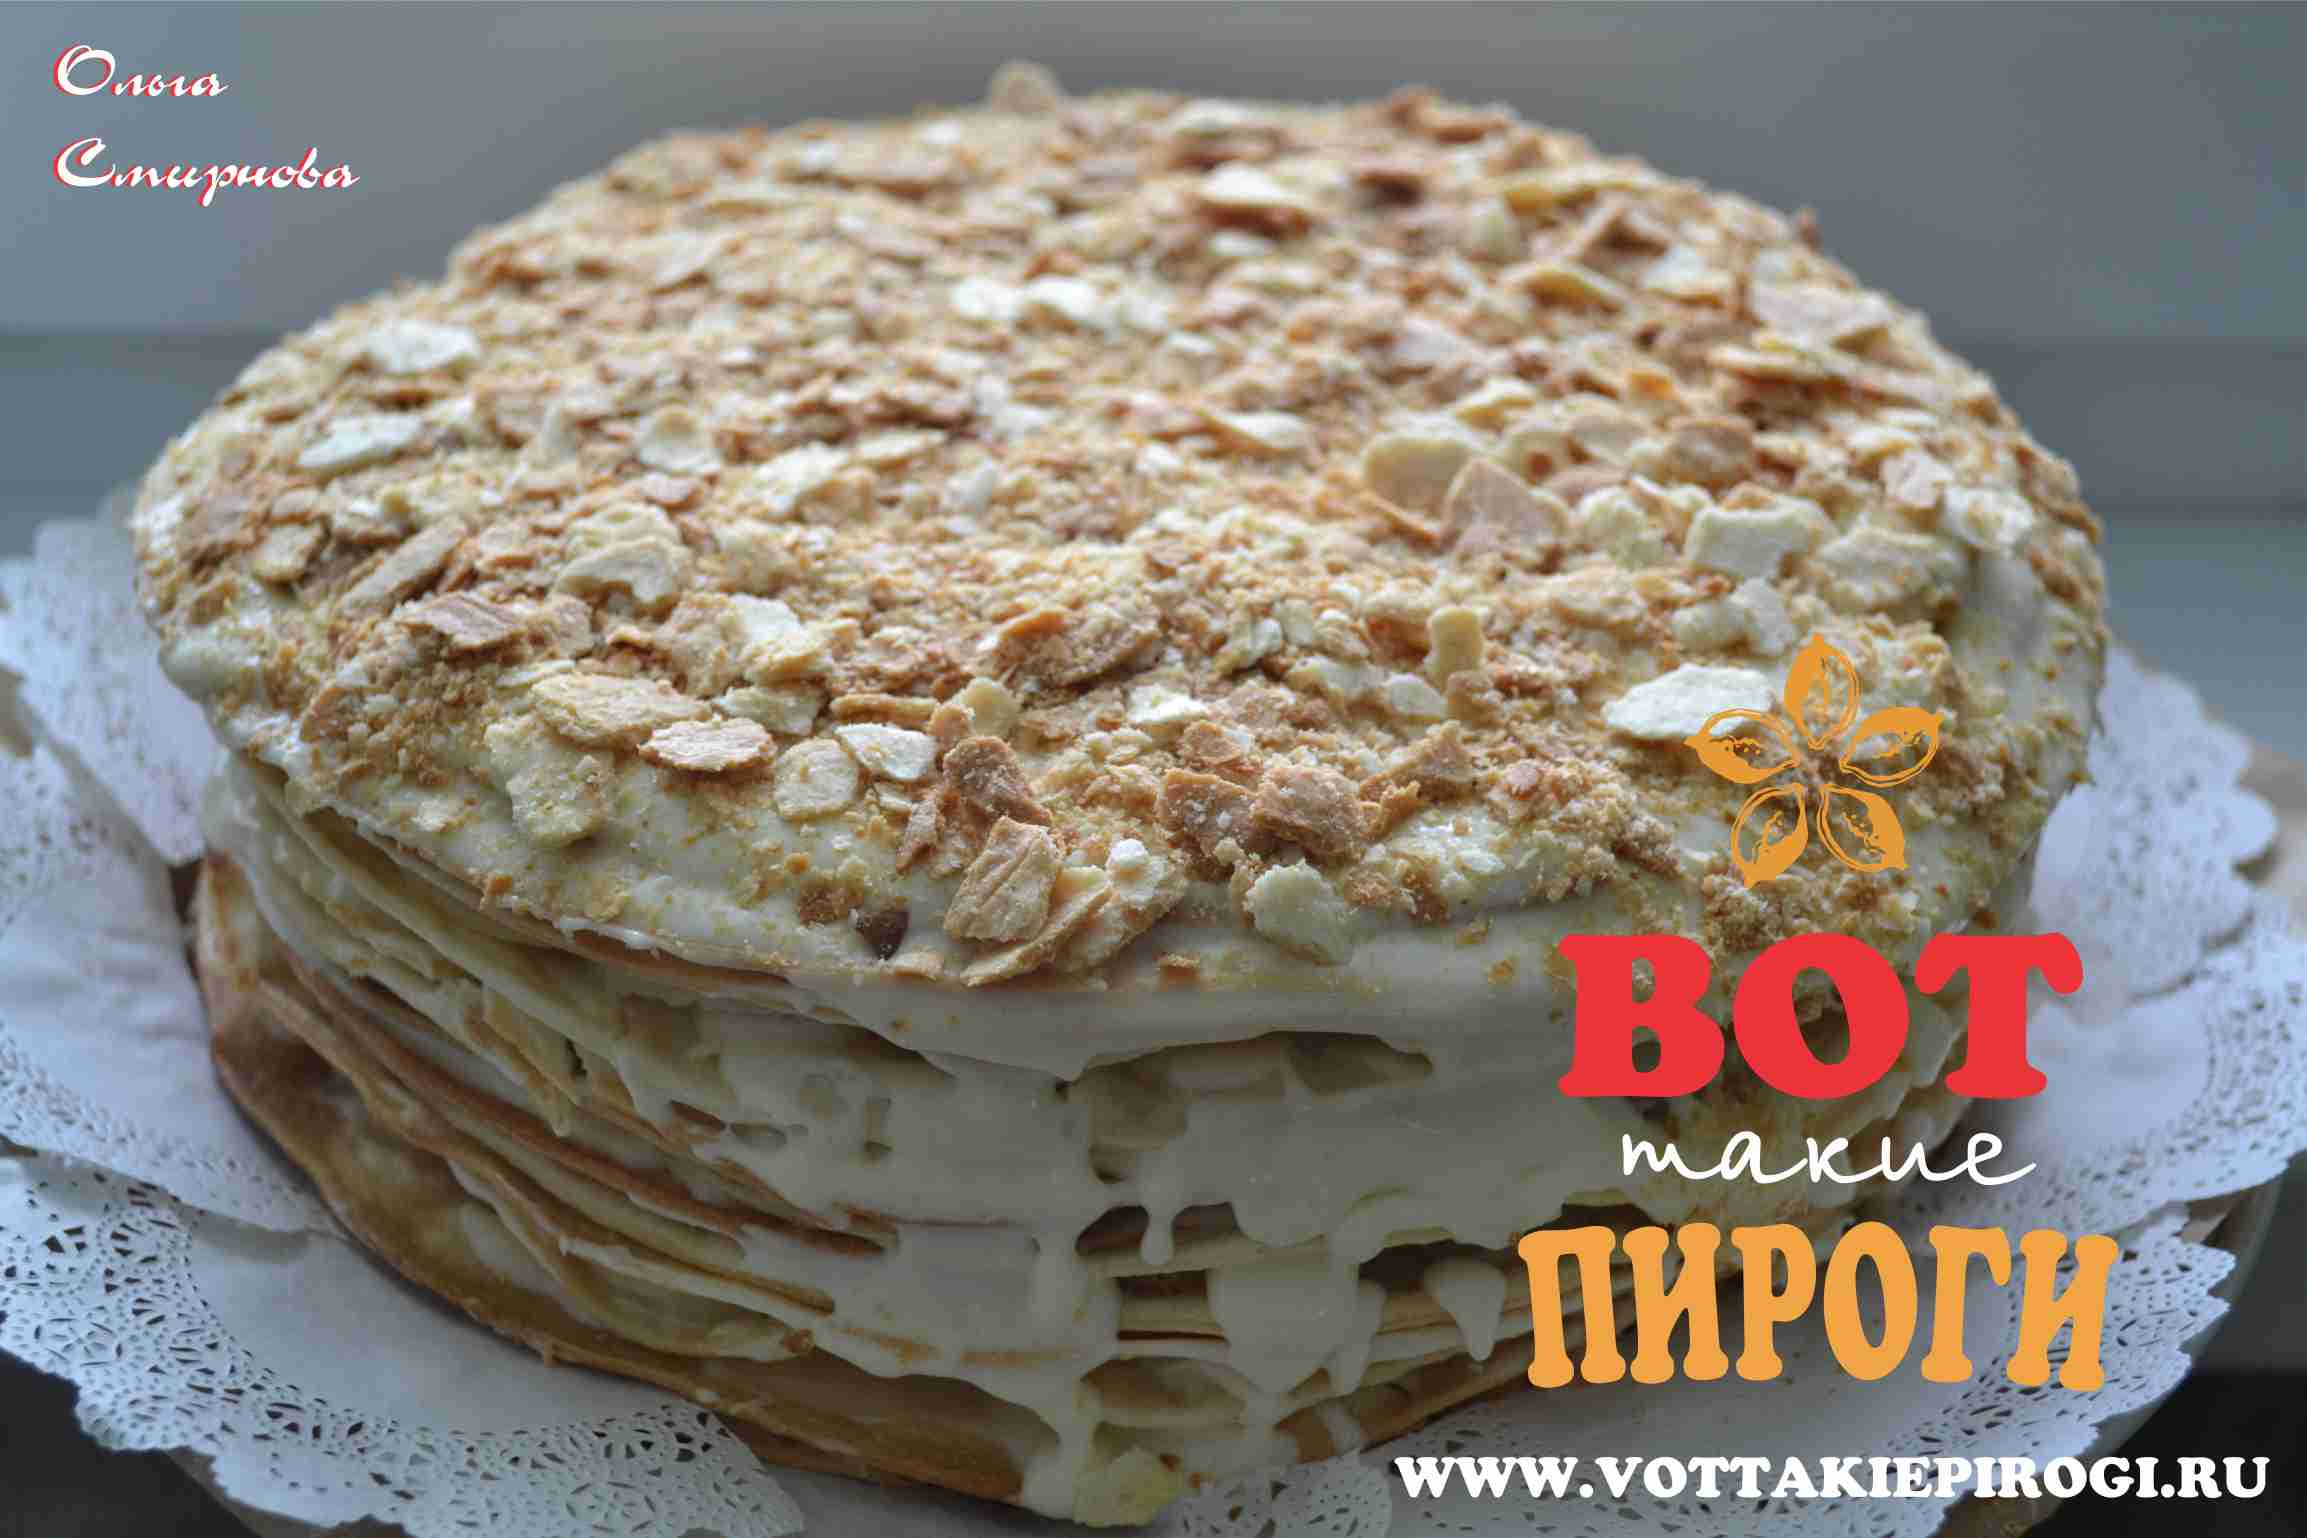 Как красиво украсить торт наполеон в домашних условиях фото пошагово